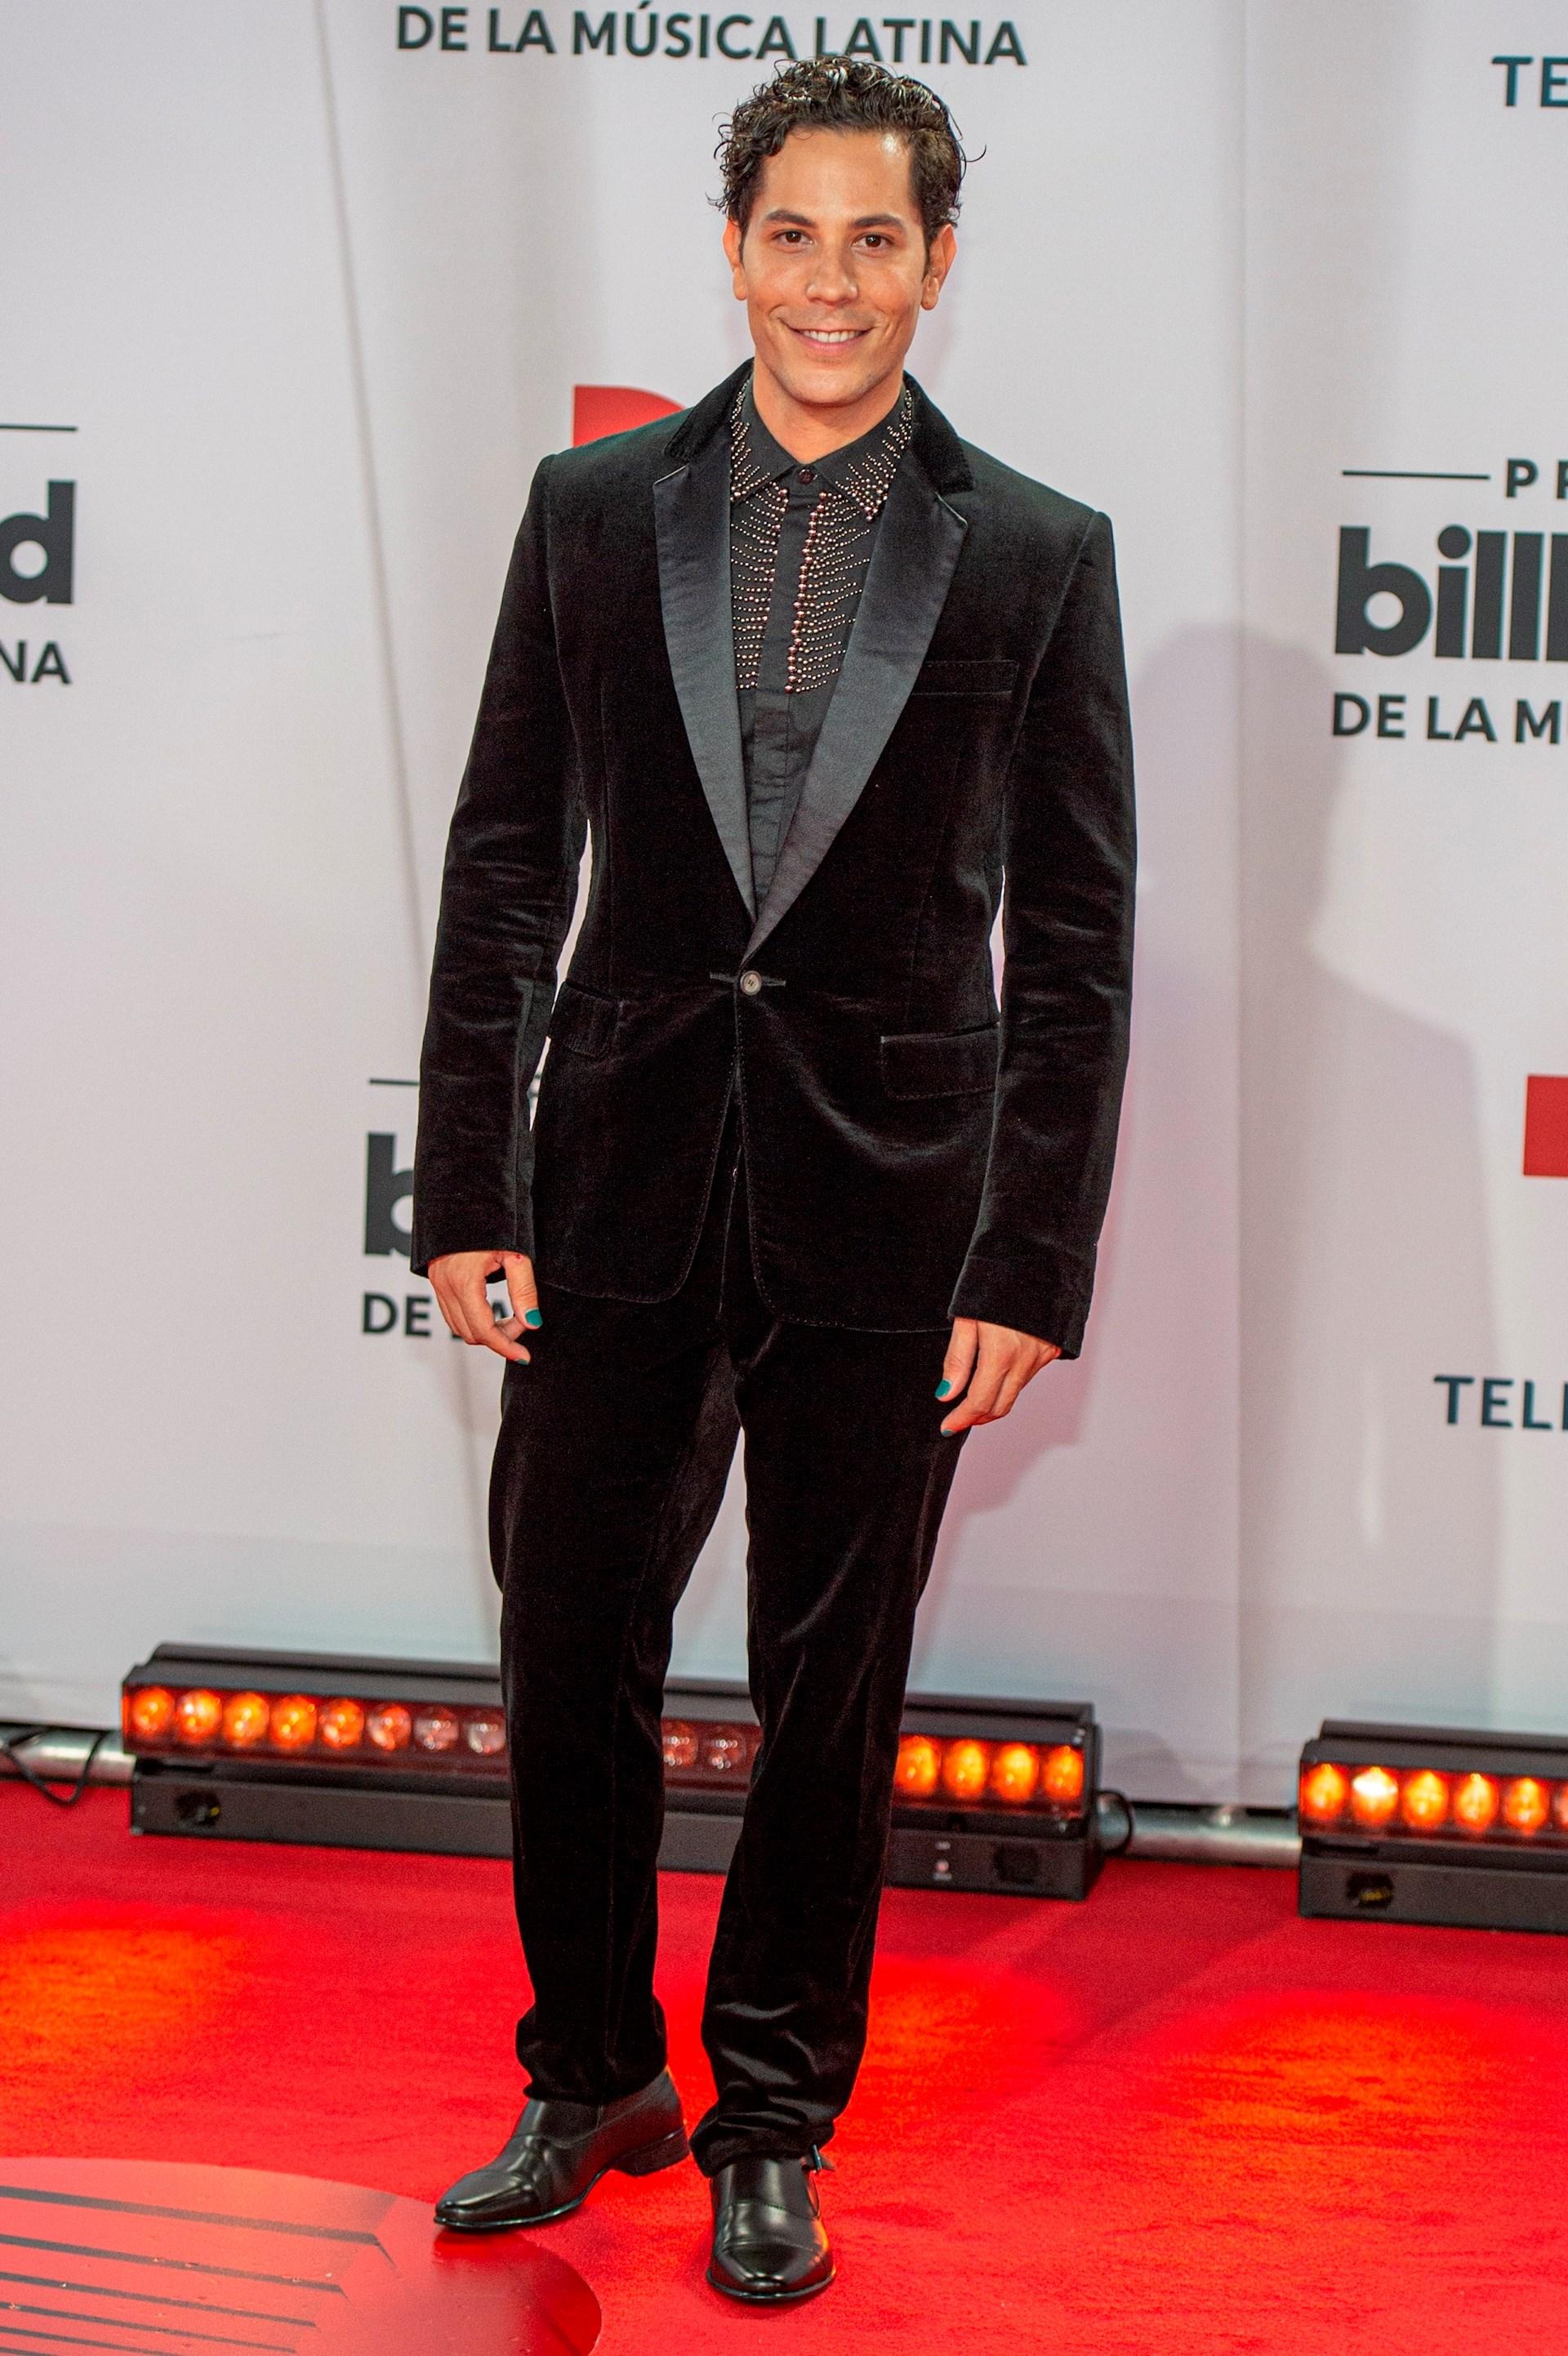 El cantante y actor mexicano Christian Chávez (Foto: EFE/Giorgio Viera)